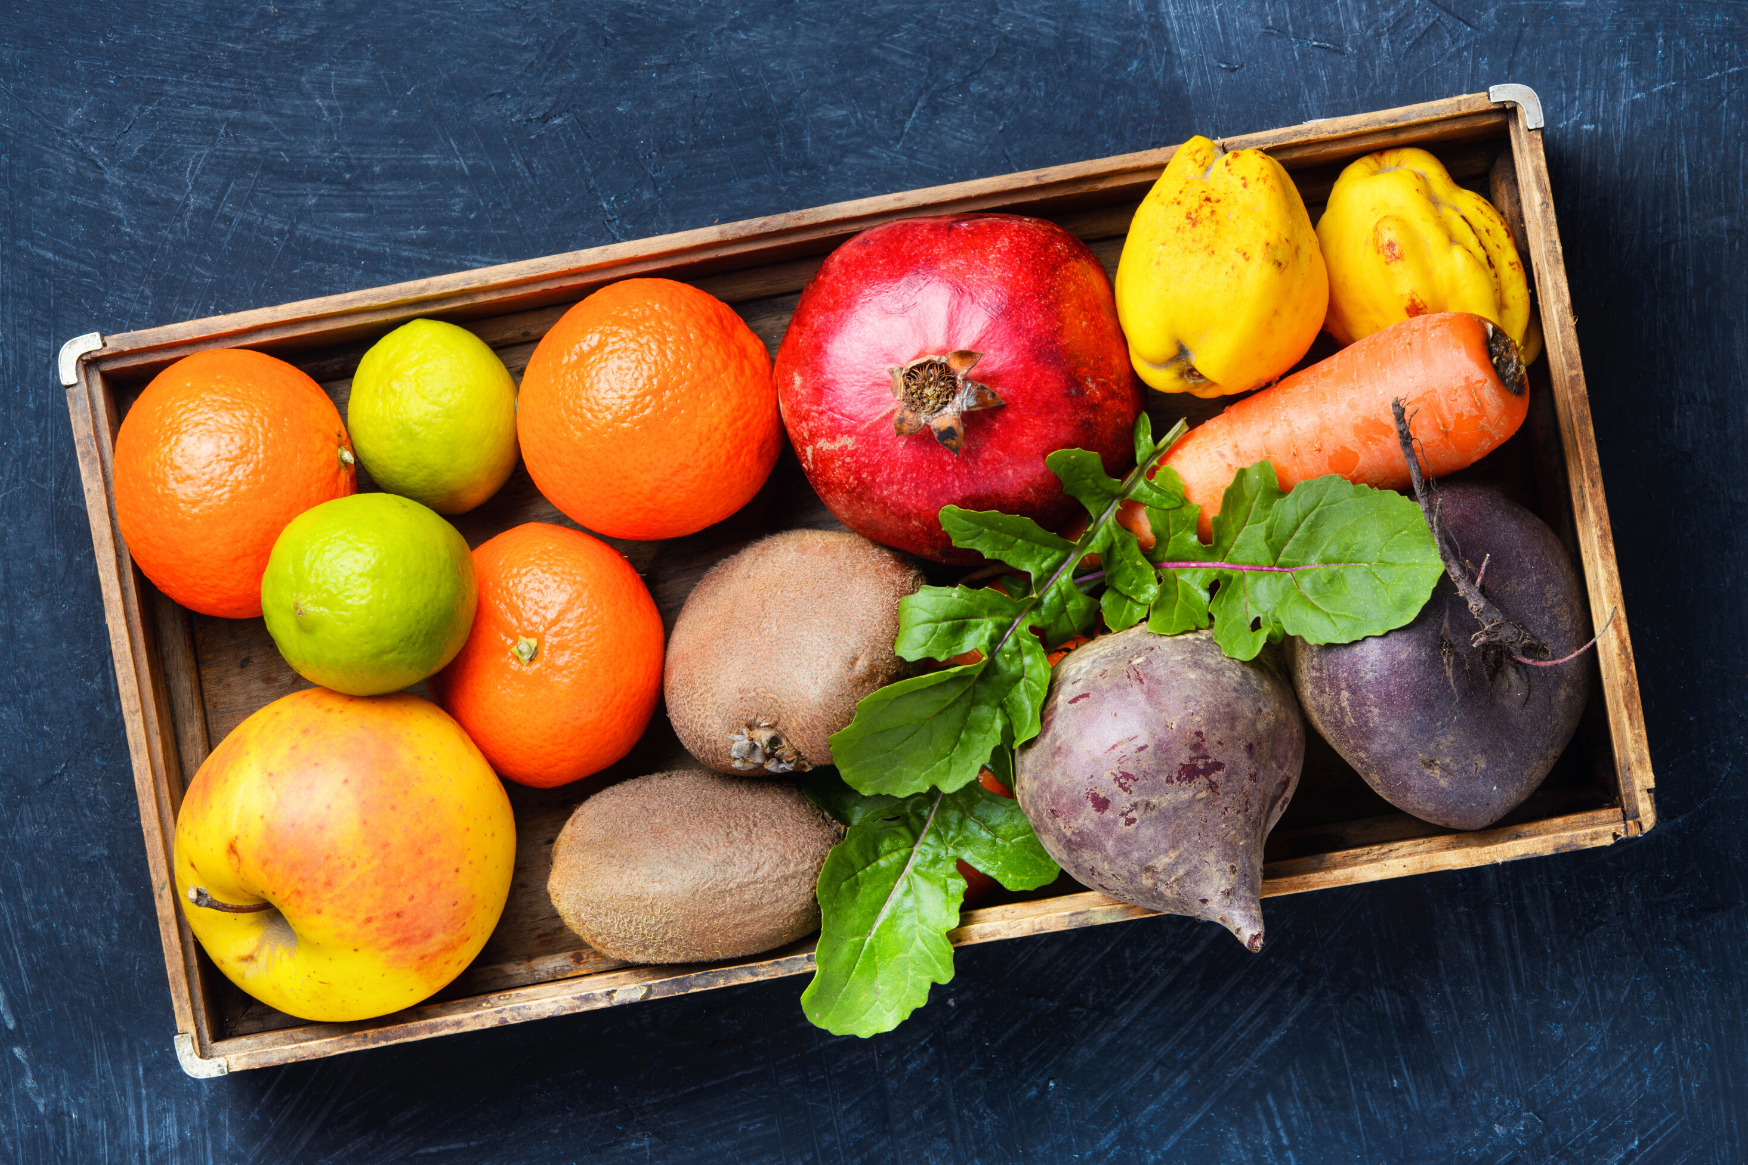 réfrigérateur, stopper, maturation, fruits, légumes, froid